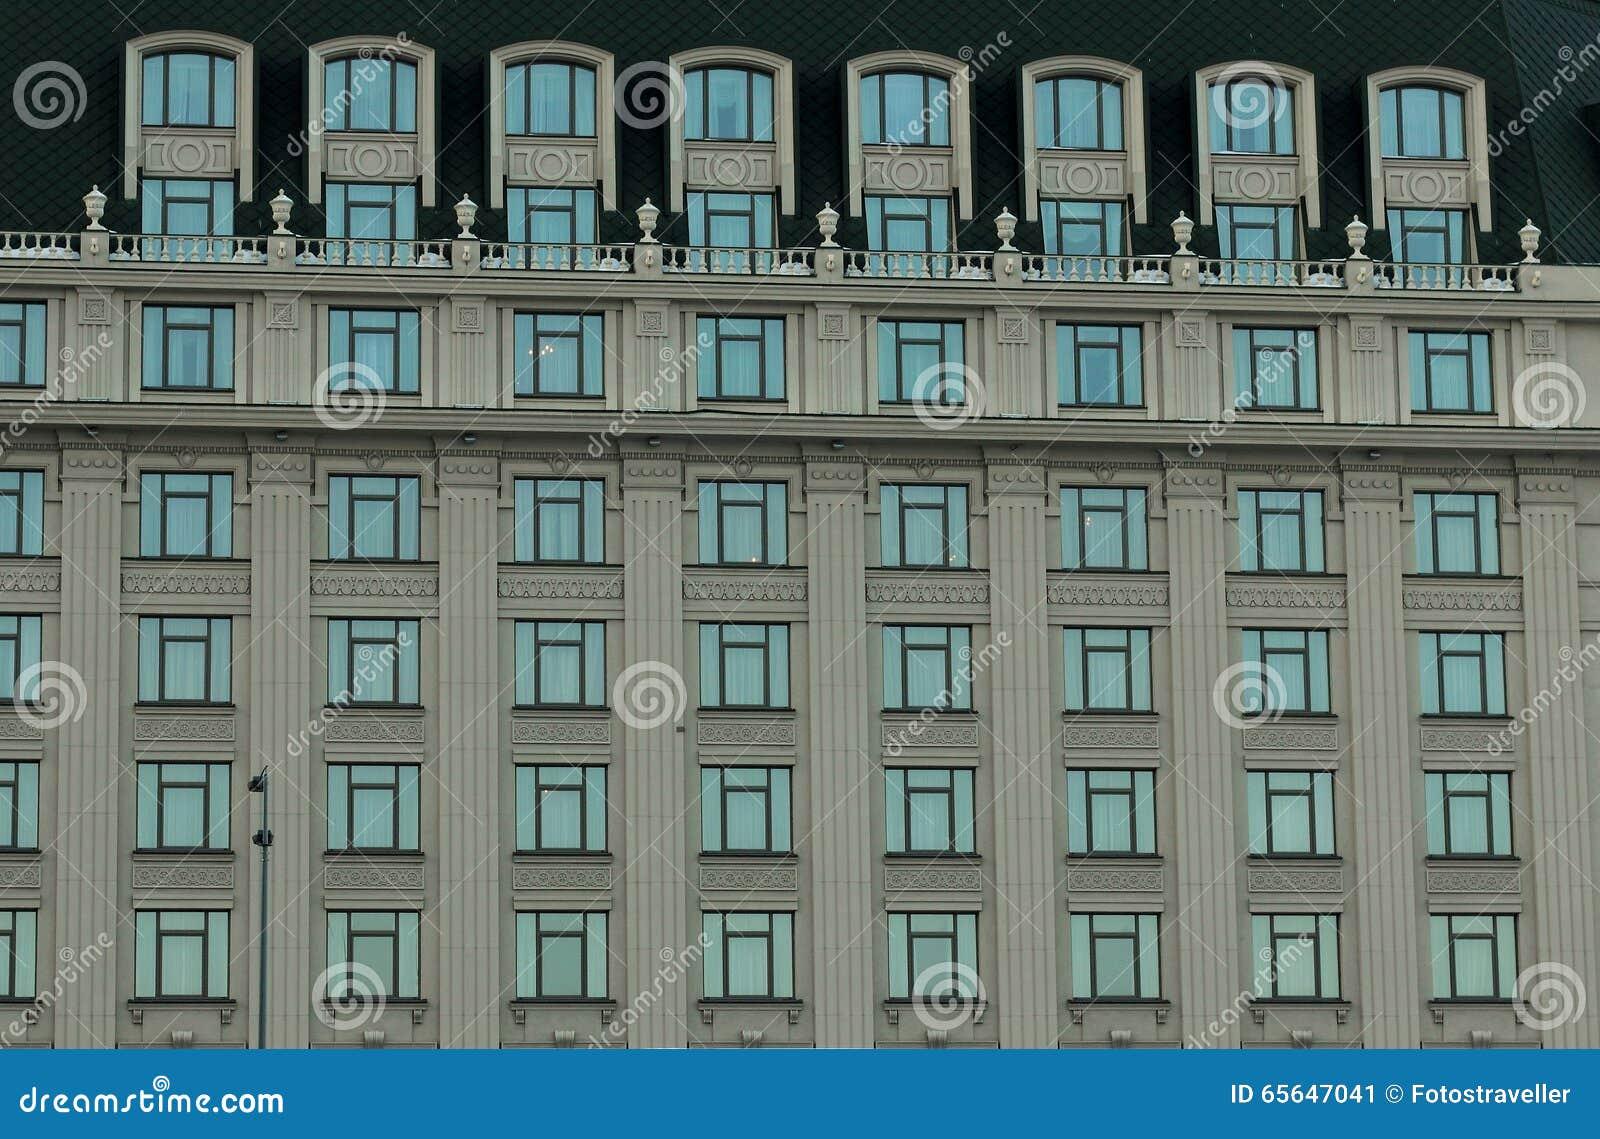 Planchers de la maison avec des fenêtres